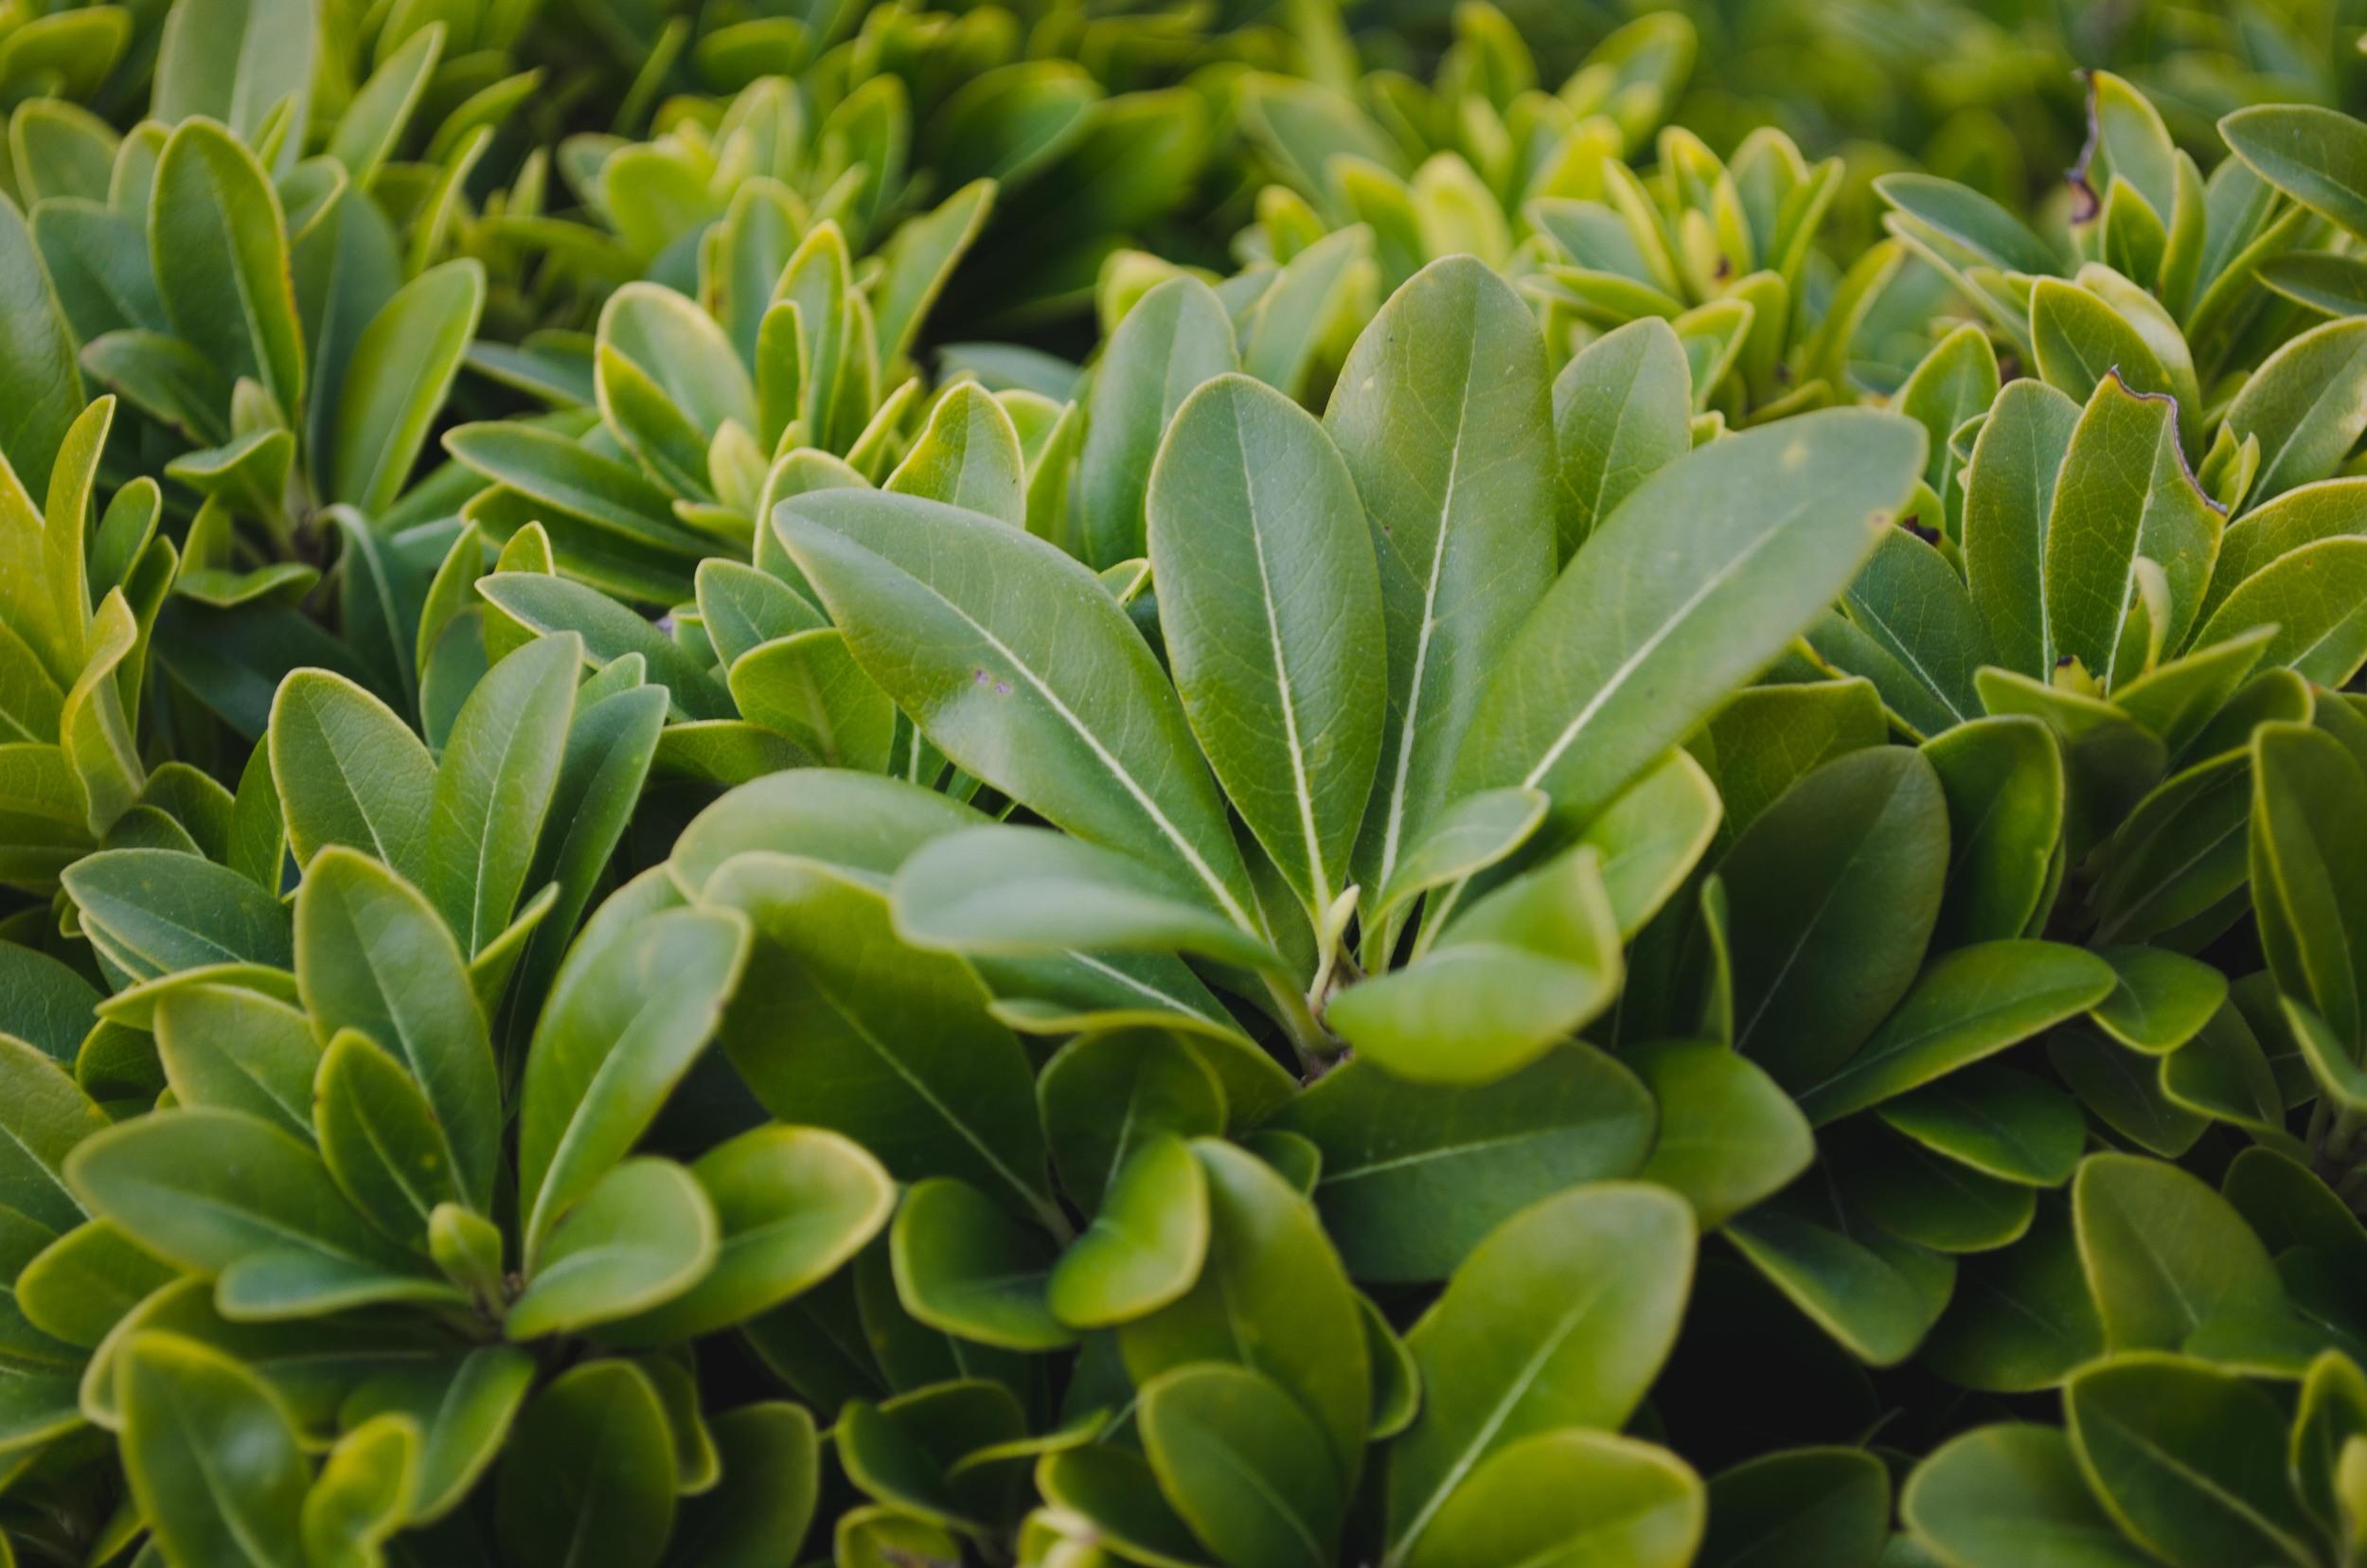 some sort of plant specimen in the ornamental garden